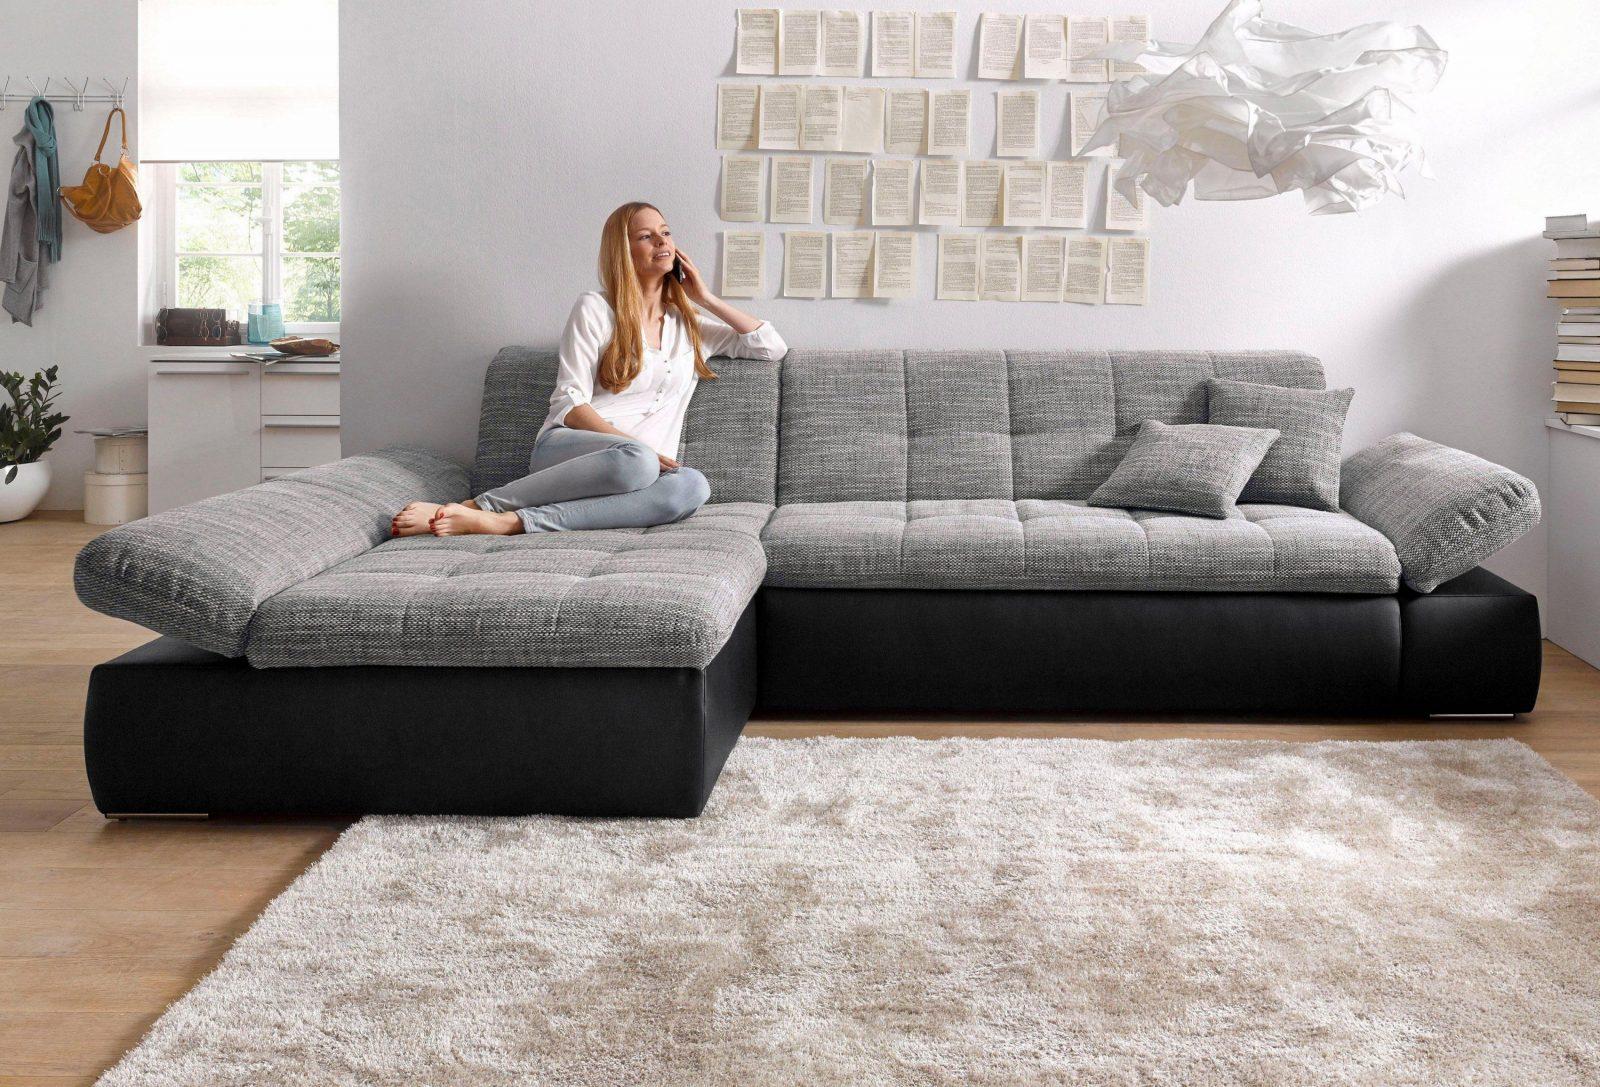 Wohnzimmer Couch Kaufen Einfach Wohnzimmercouch  Wohndesign von Bilder Für Wohnzimmer Kaufen Photo